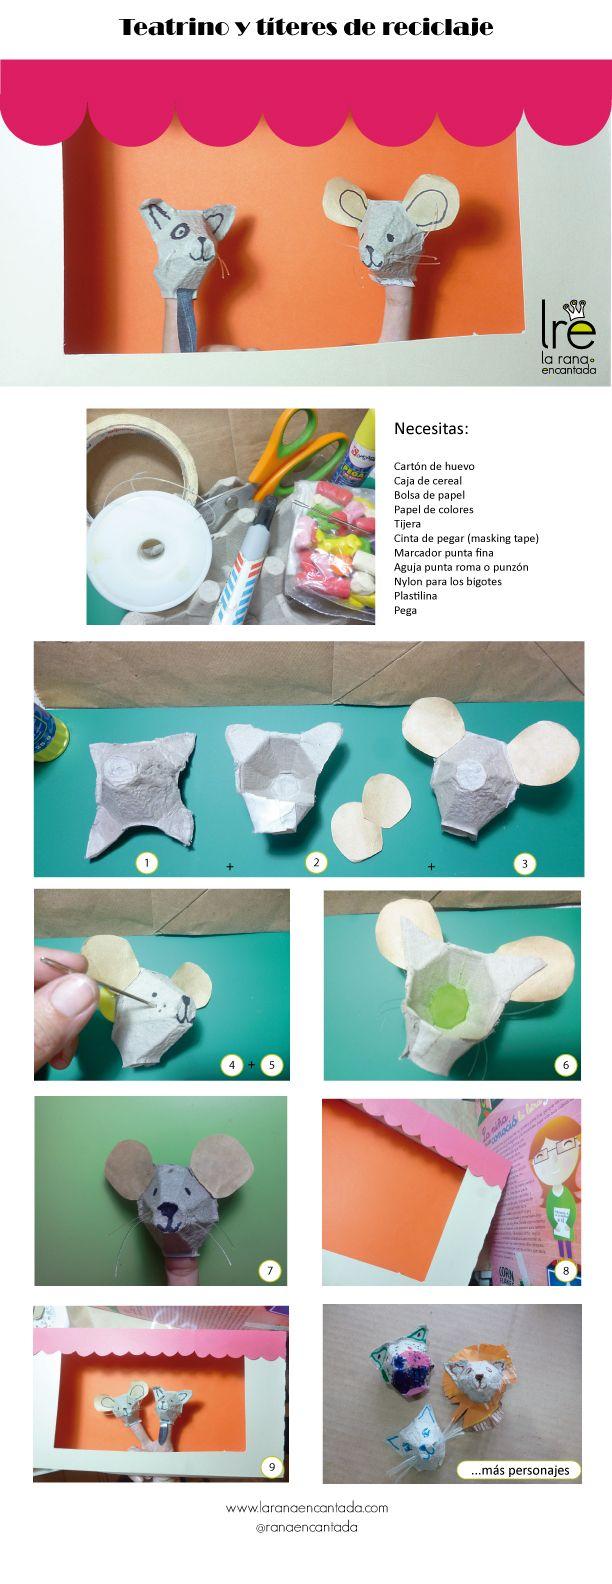 Cómo hacer un pequeño teatrino con reciclaje para jugar con tus niños ¡e inventar muchas historias! / DIY: little theater and fingers puppets from upcycled materials